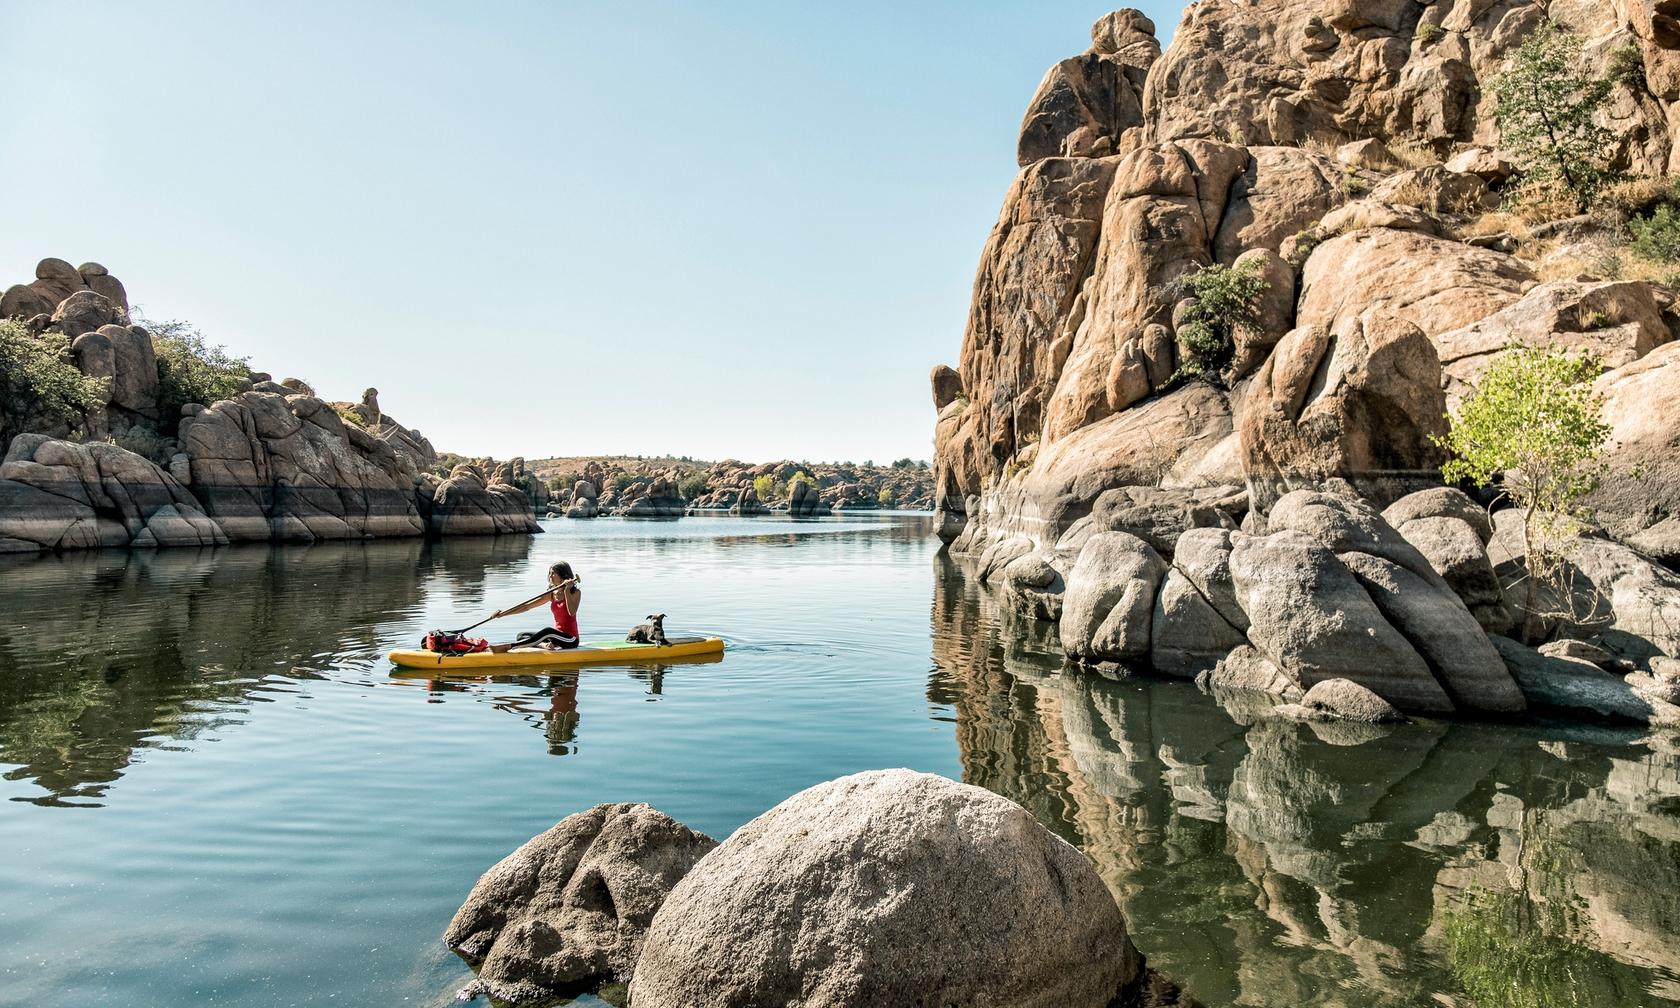 Vacation rentals in Prescott